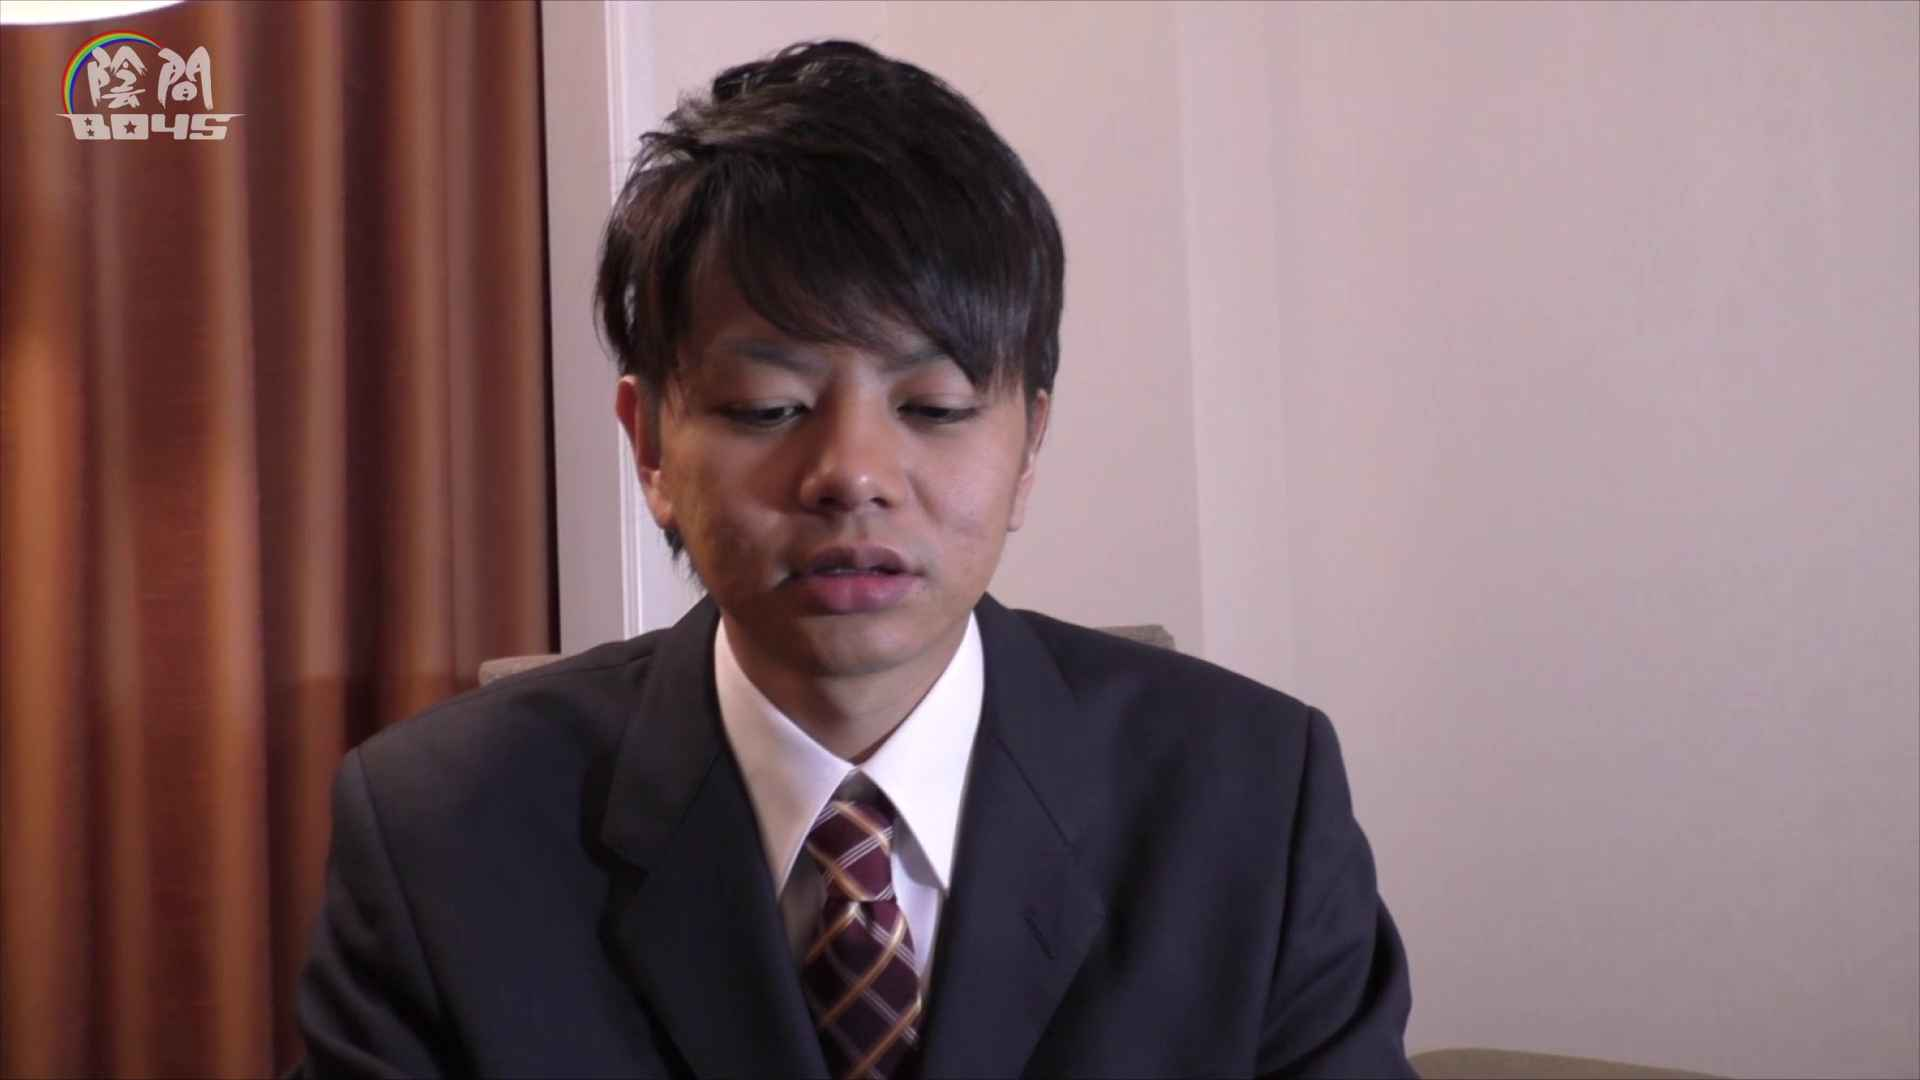 陰間BOYS~キャバクラの仕事はアナルから4 Vol.01 アナル ゲイザーメン画像 82枚 38